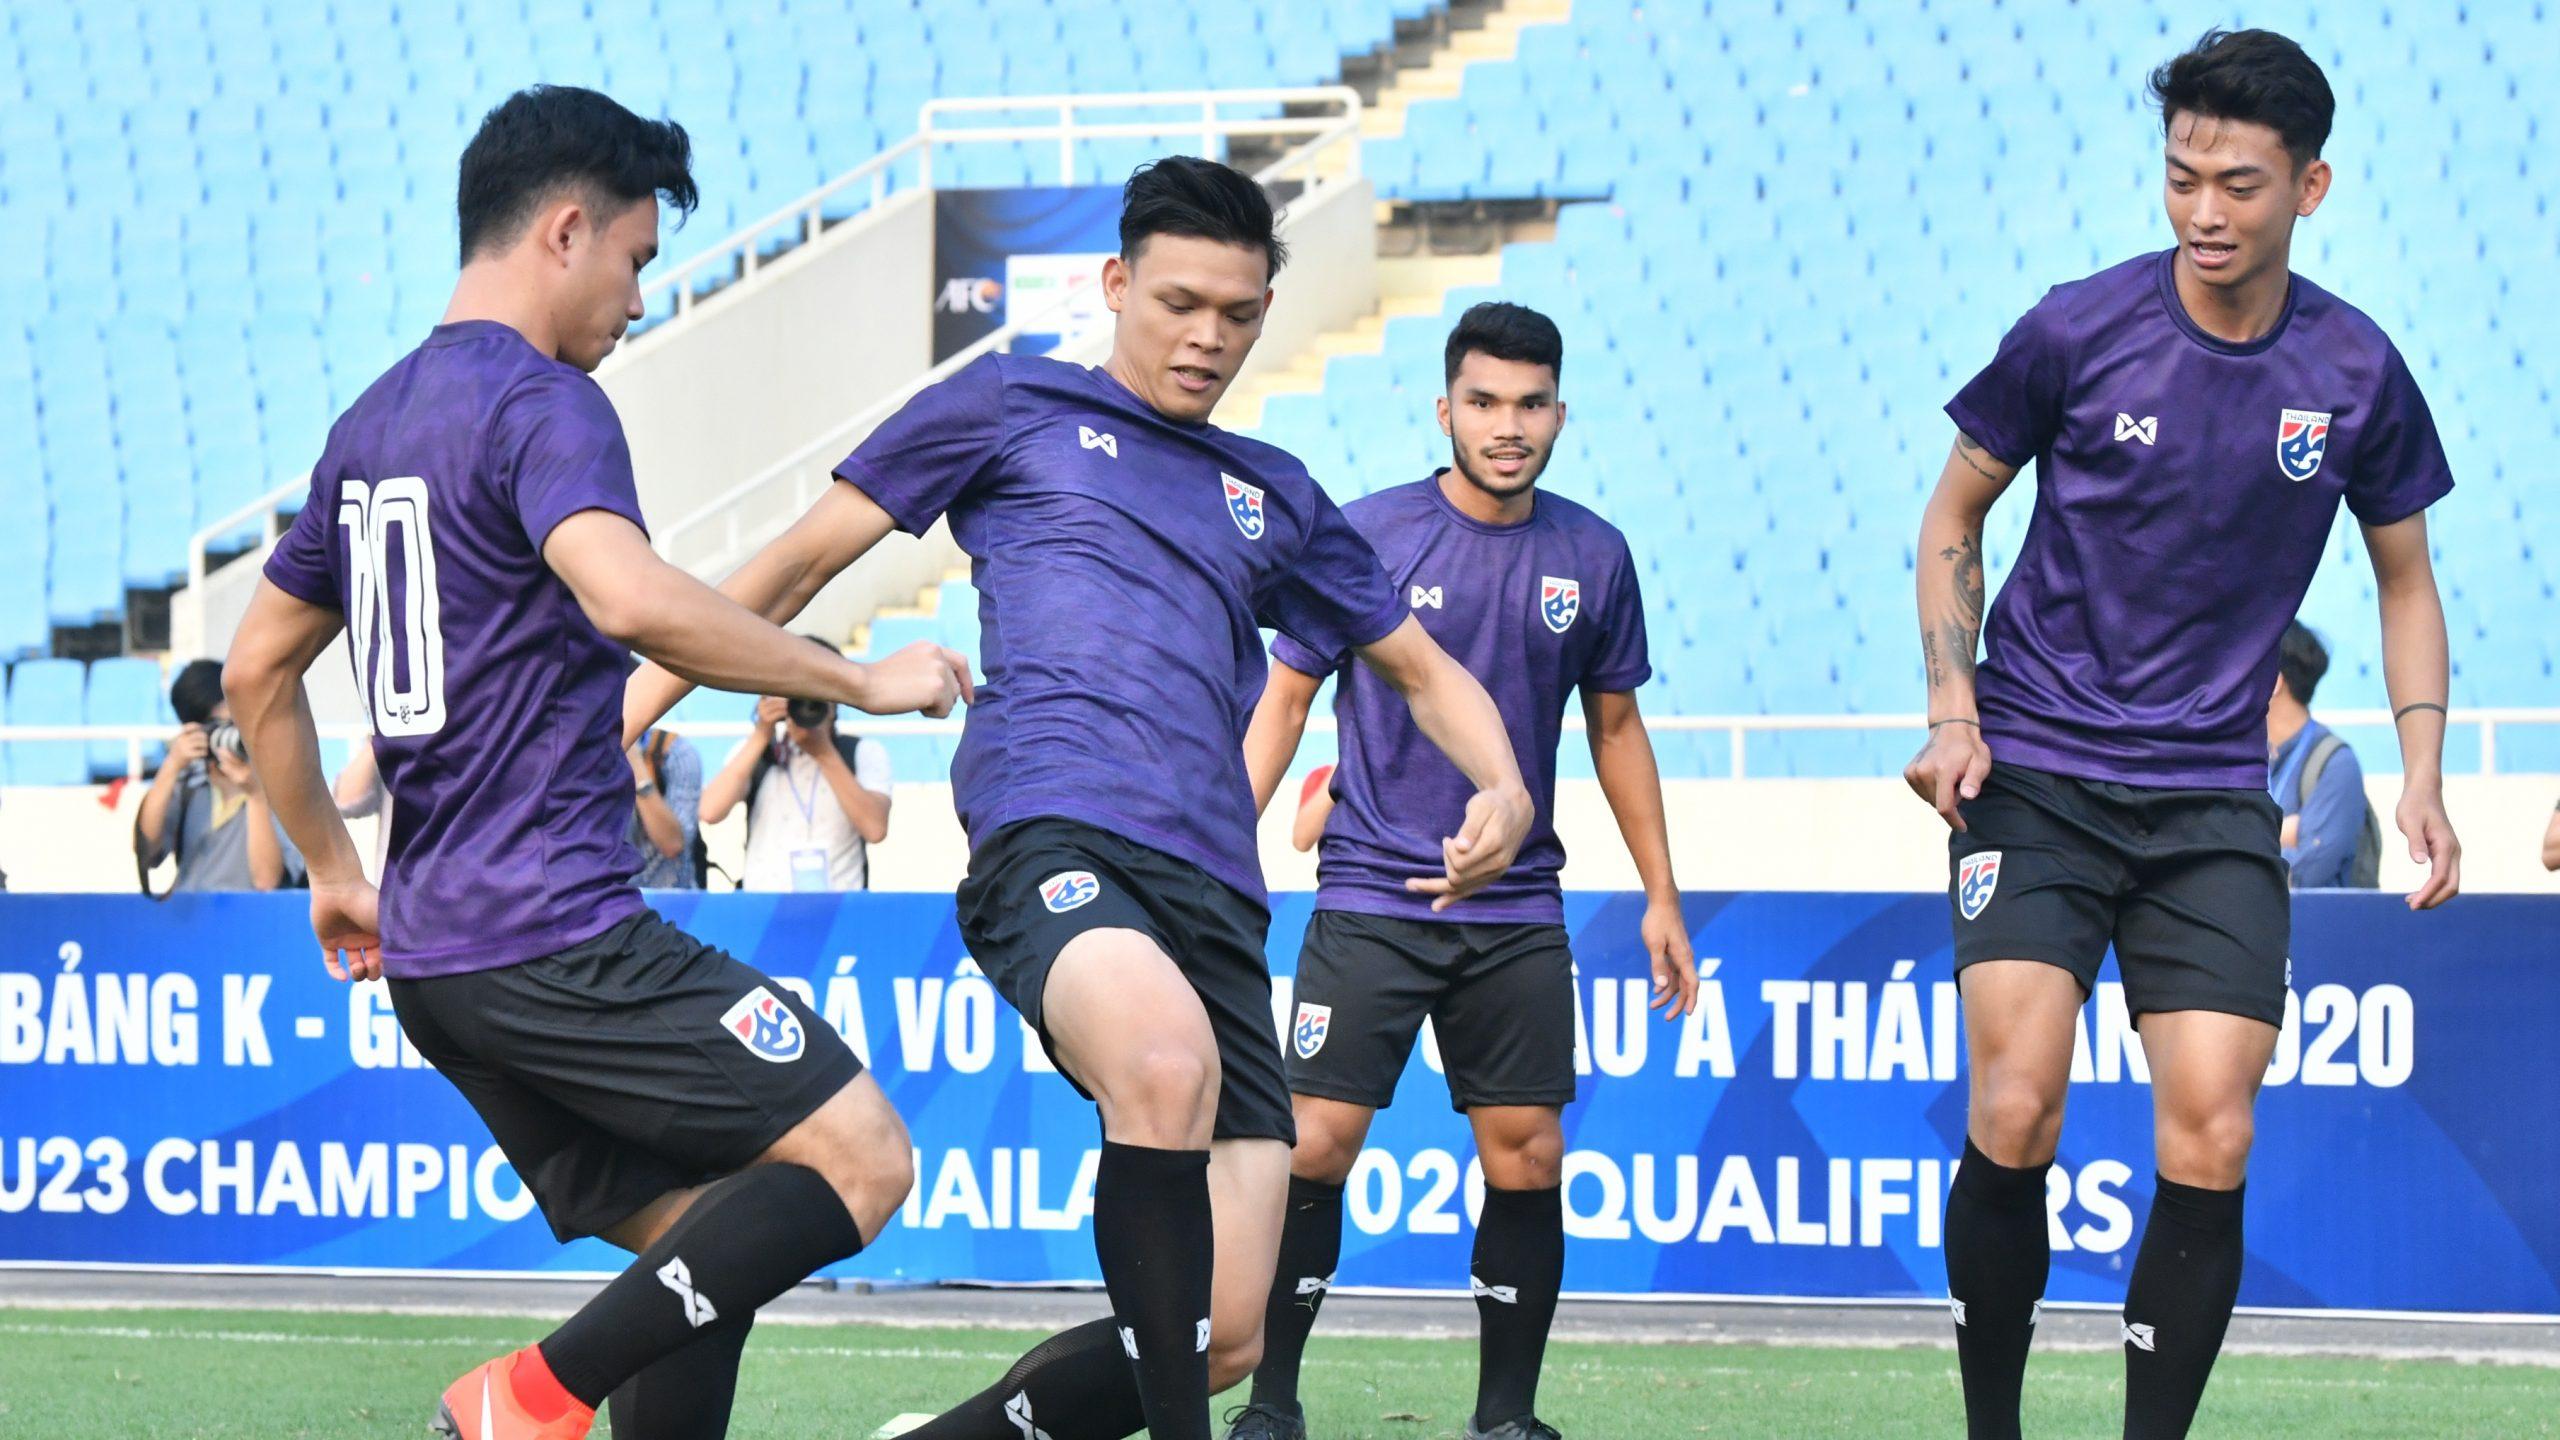 ชิงแชมป์เอเชีย รุ่นอายุไม่เกิน 16 ปี ทีมชาติอินโดนีเซีย U23 ทีมชาติไทย U23 อเล็กซานเดร กามา